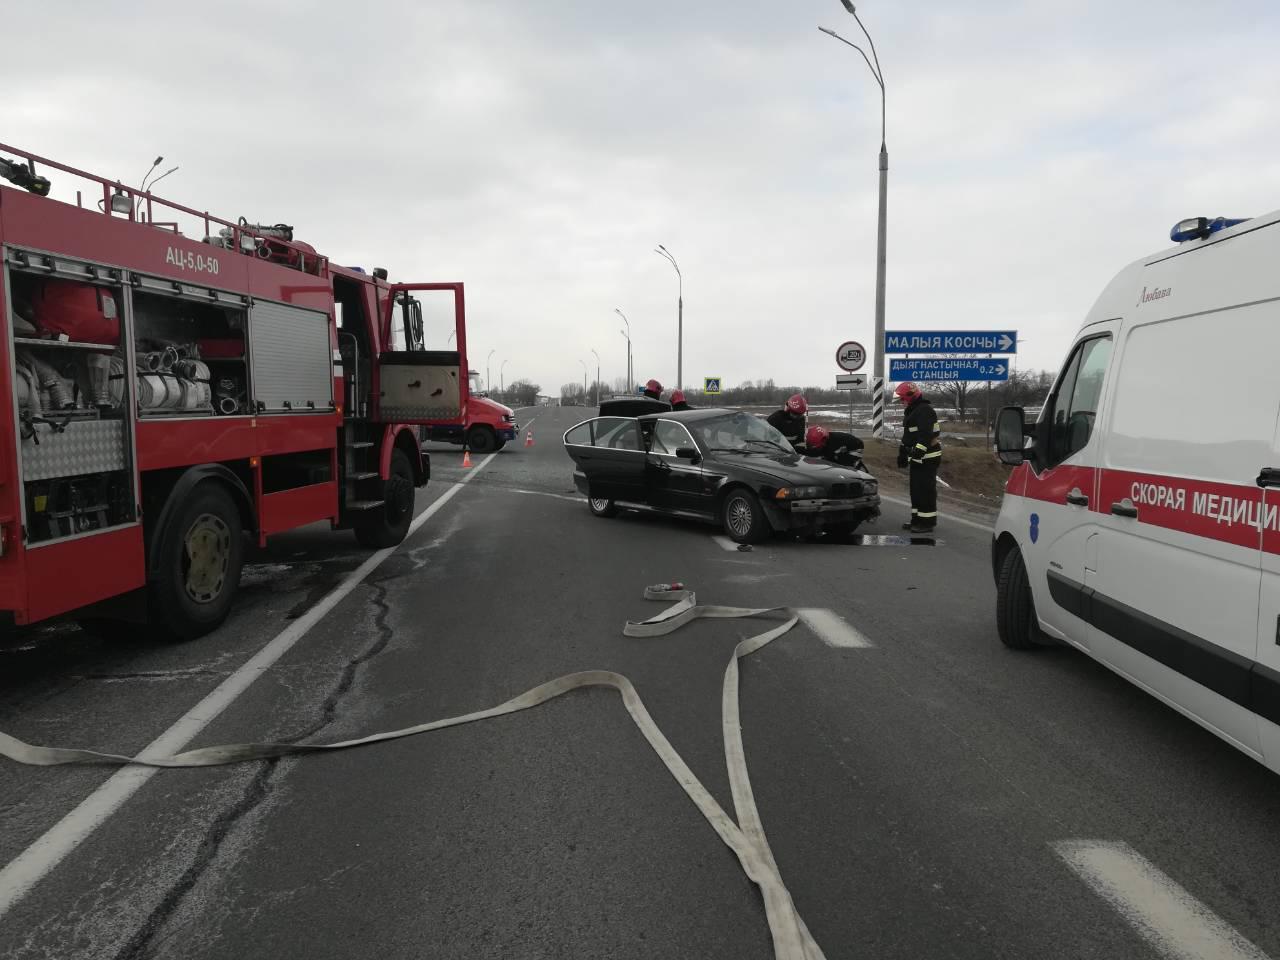 Из-за крупного ДТП на трассе М1 под Брестом у д. Тельмы частично ограничено движение